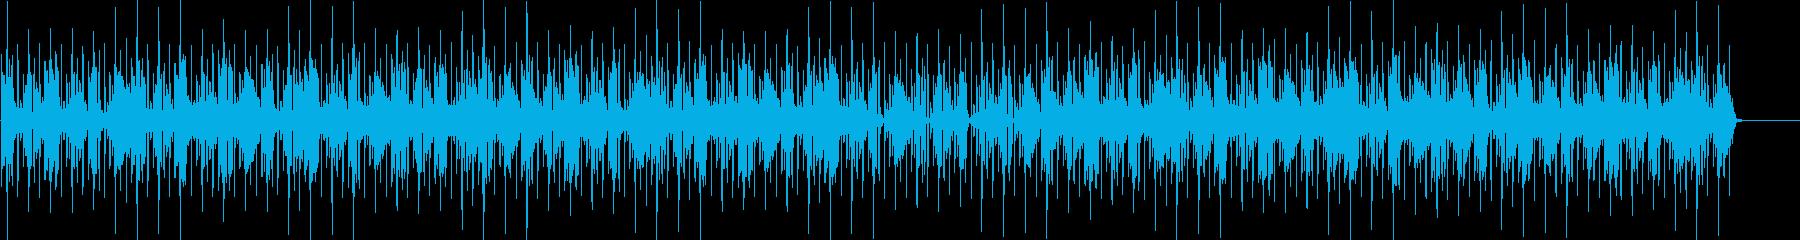 90年代アシッドジャズ風BGMの再生済みの波形